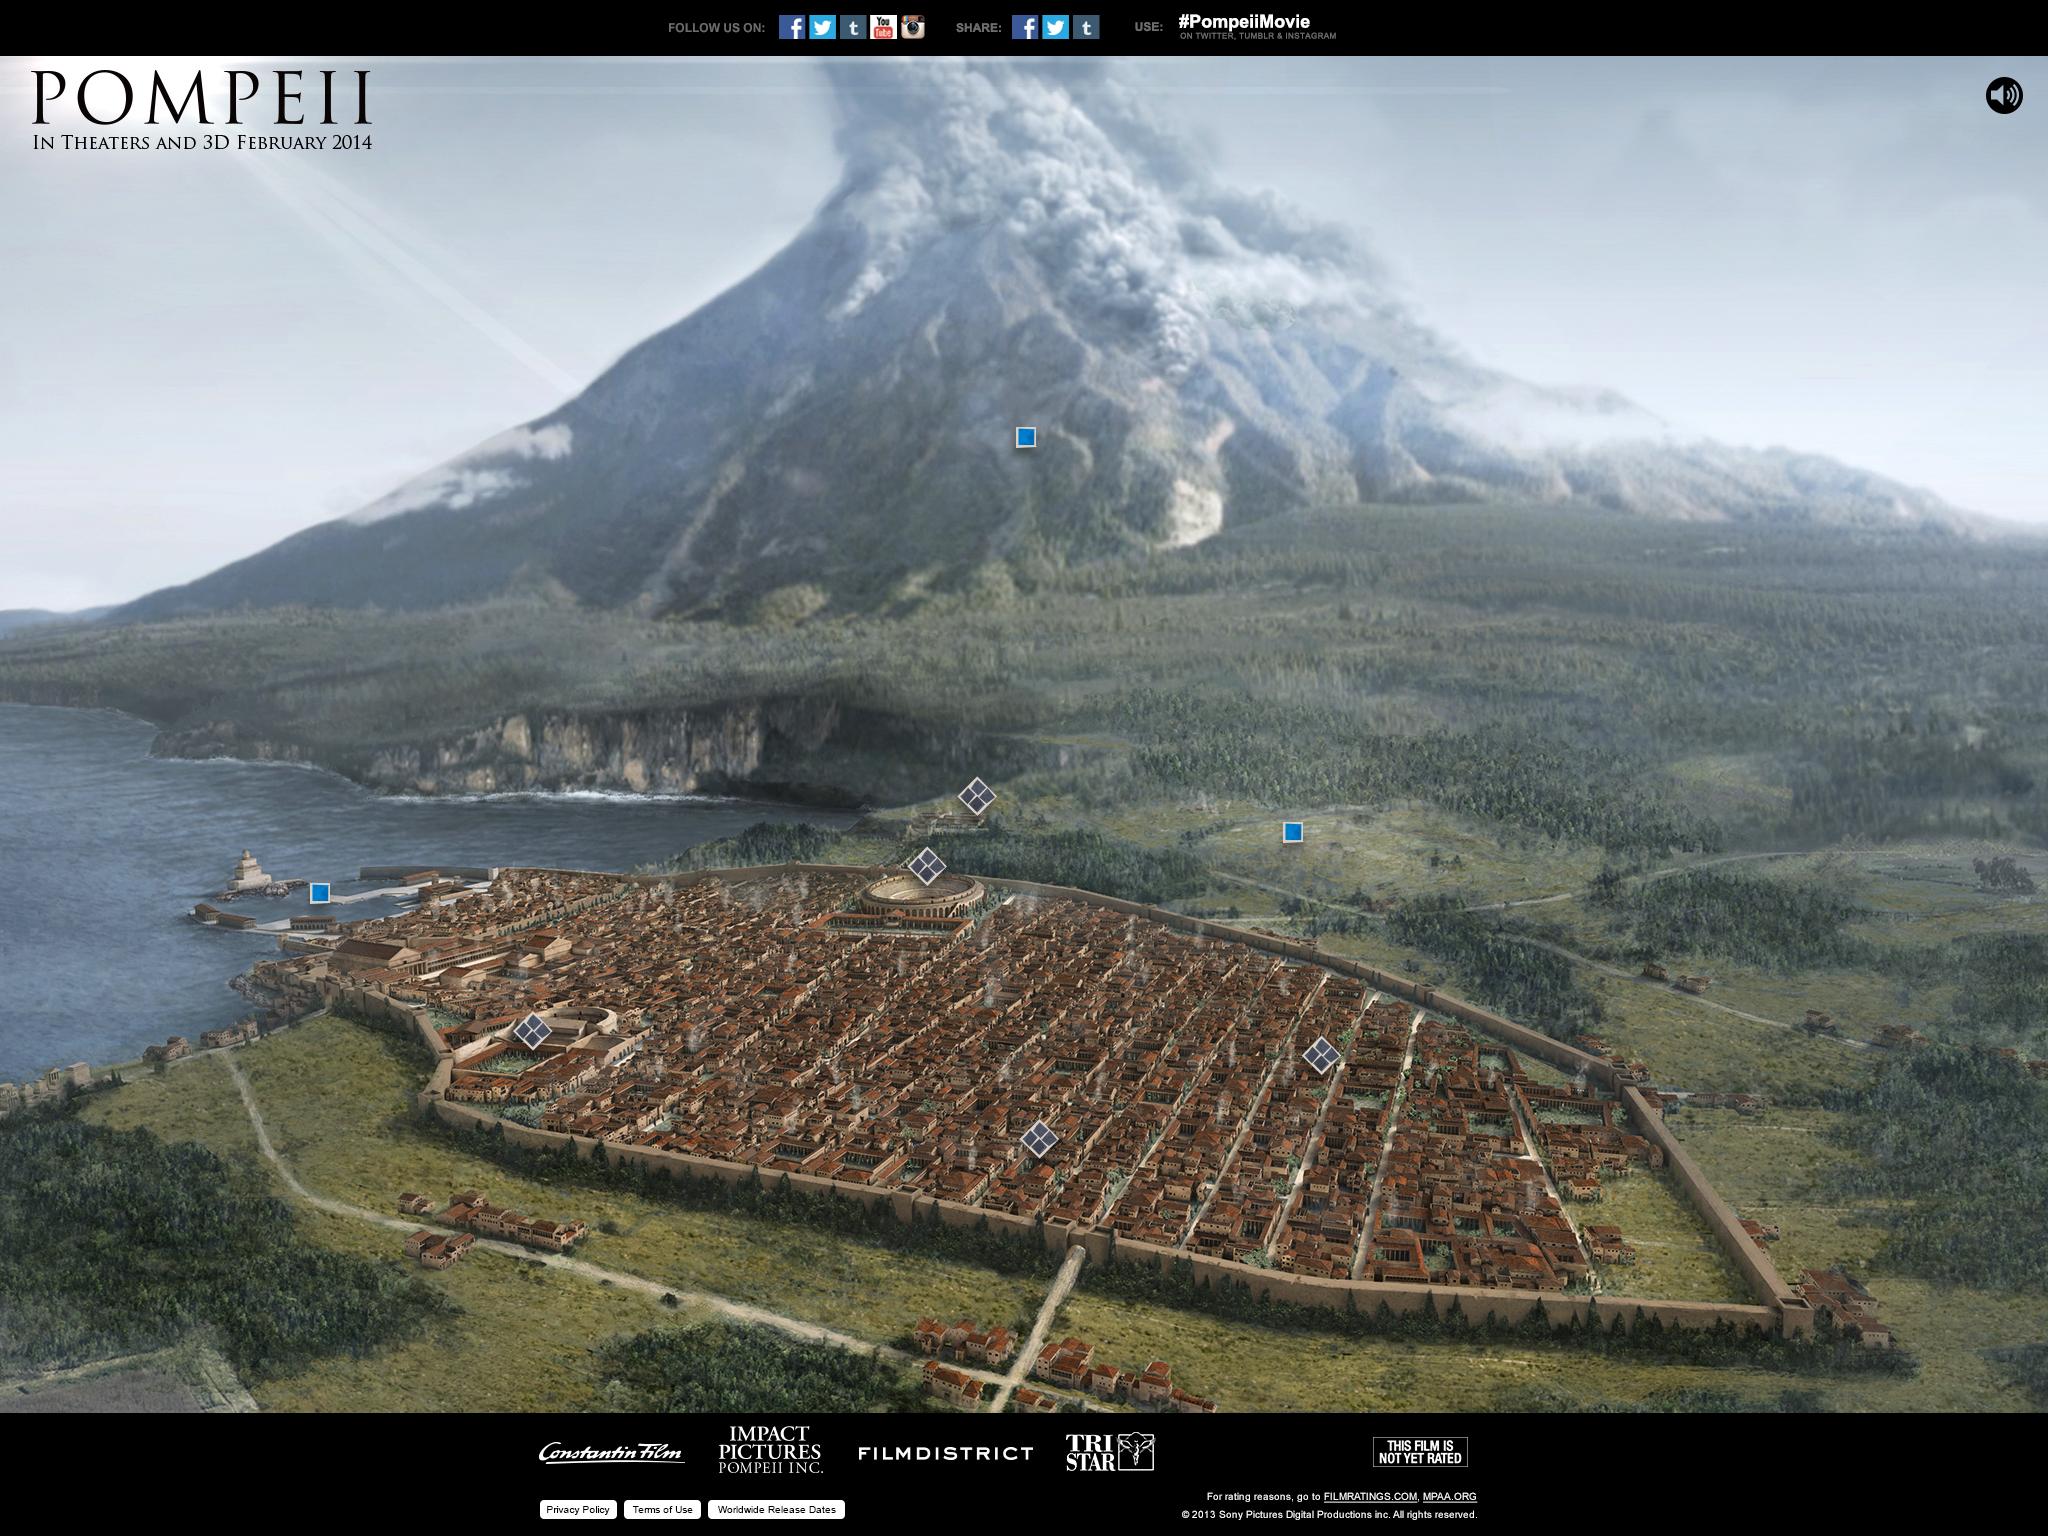 Pompeii_0000_landing.jpg